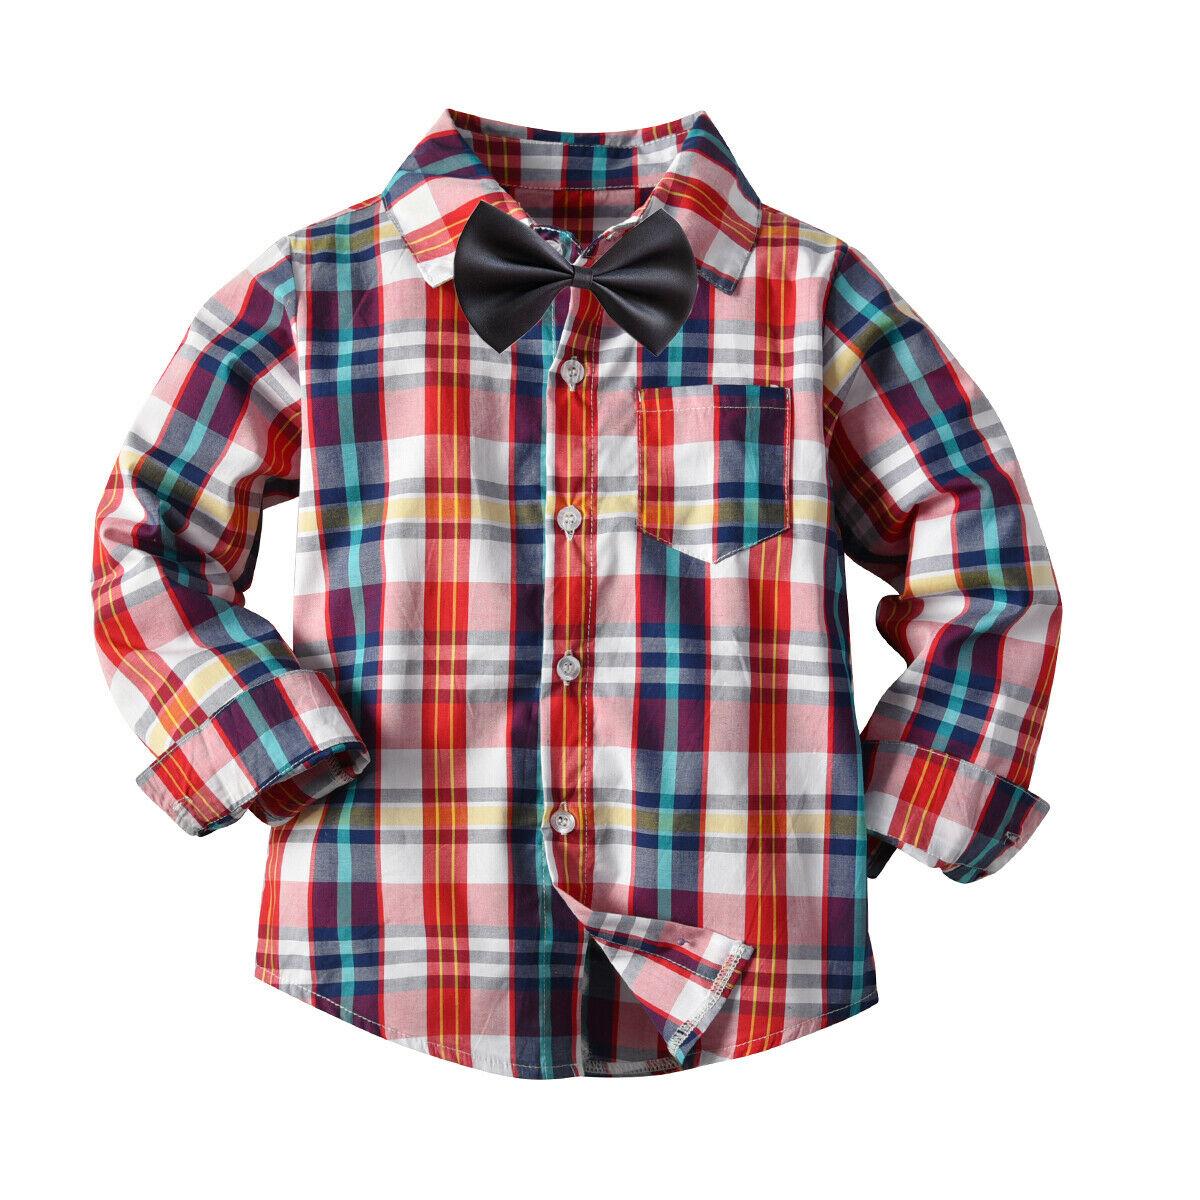 Emmaaby/Новинка года; классические рубашки в клетку с длинными рукавами и лацканами для мальчиков; сезон весна-осень топы с карманами; Повседневная рубашка для маленьких мальчиков детская одежда - Цвет: Blue Red